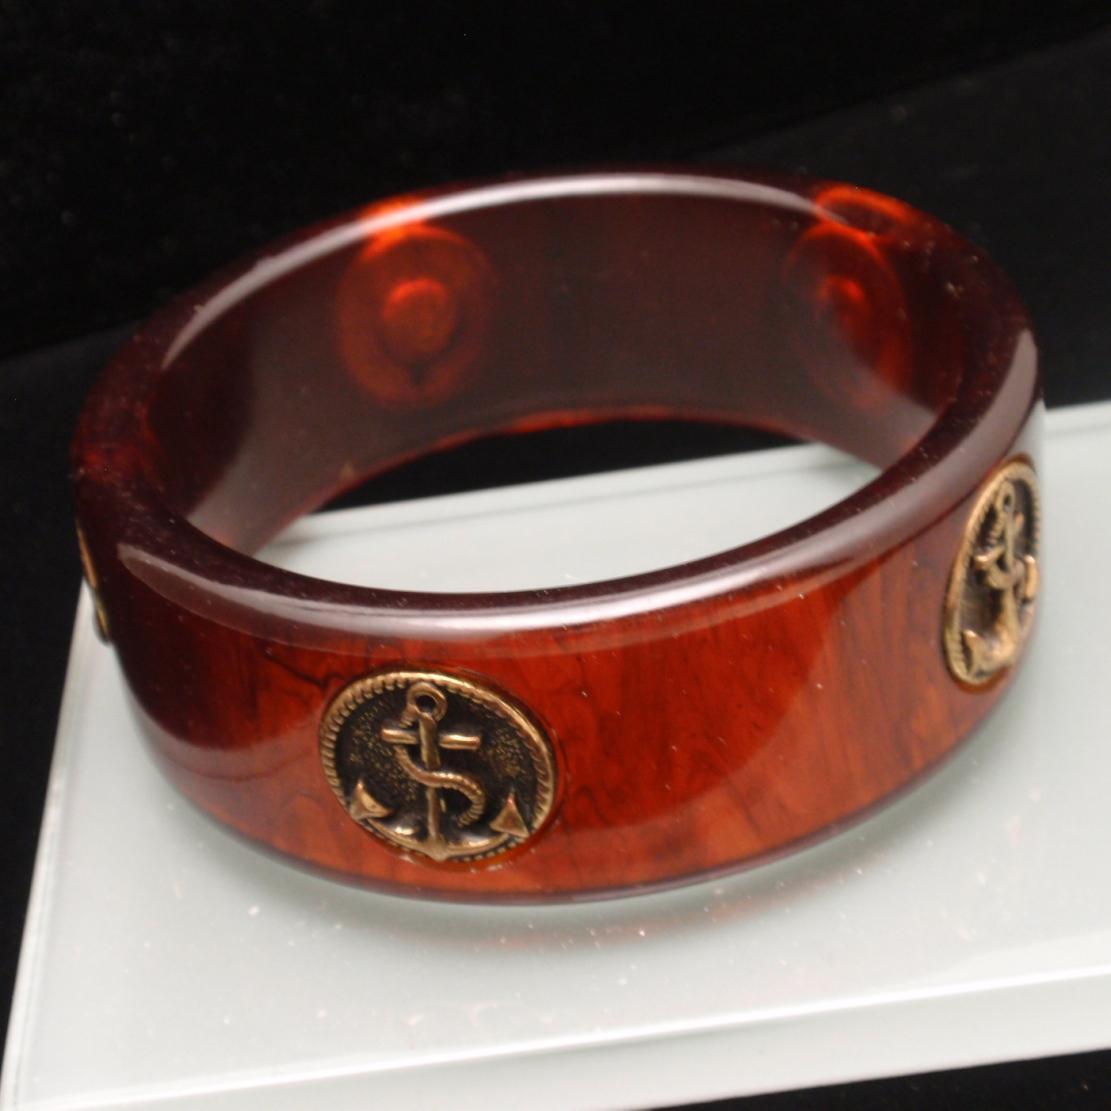 Tortoiseshell Bakelite Bangle Bracelet with Anchors